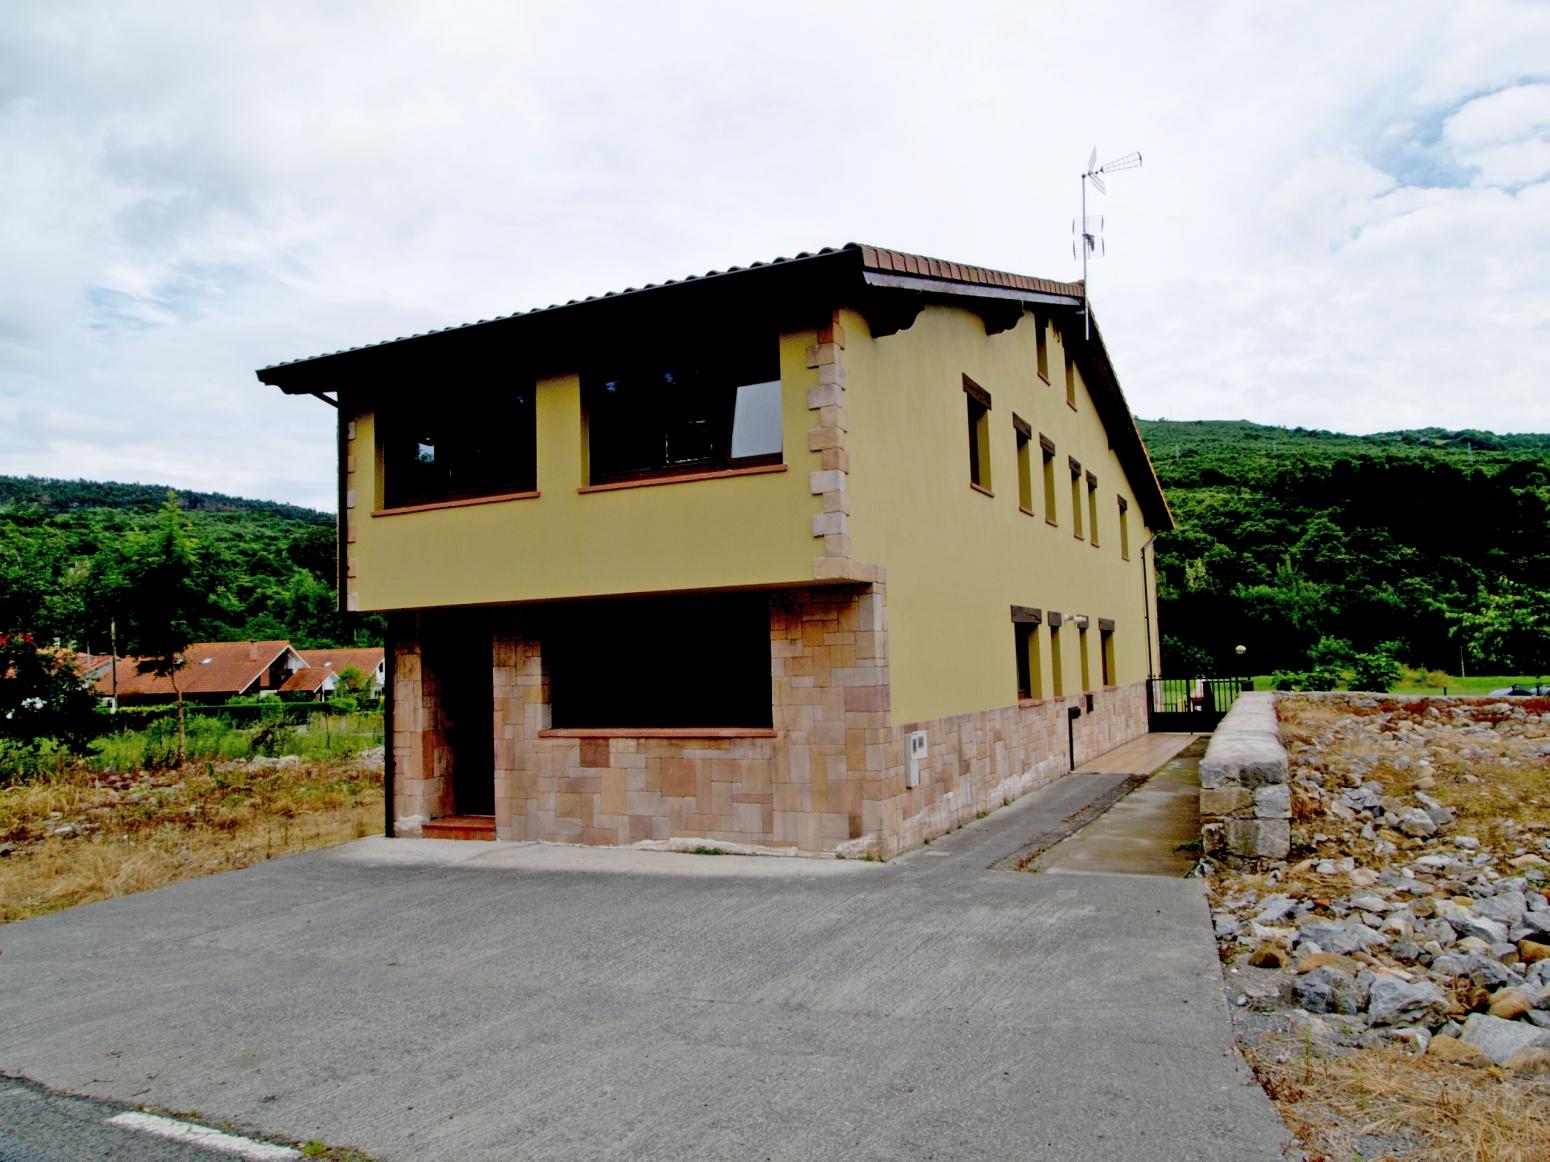 Casas o chalets en Riba